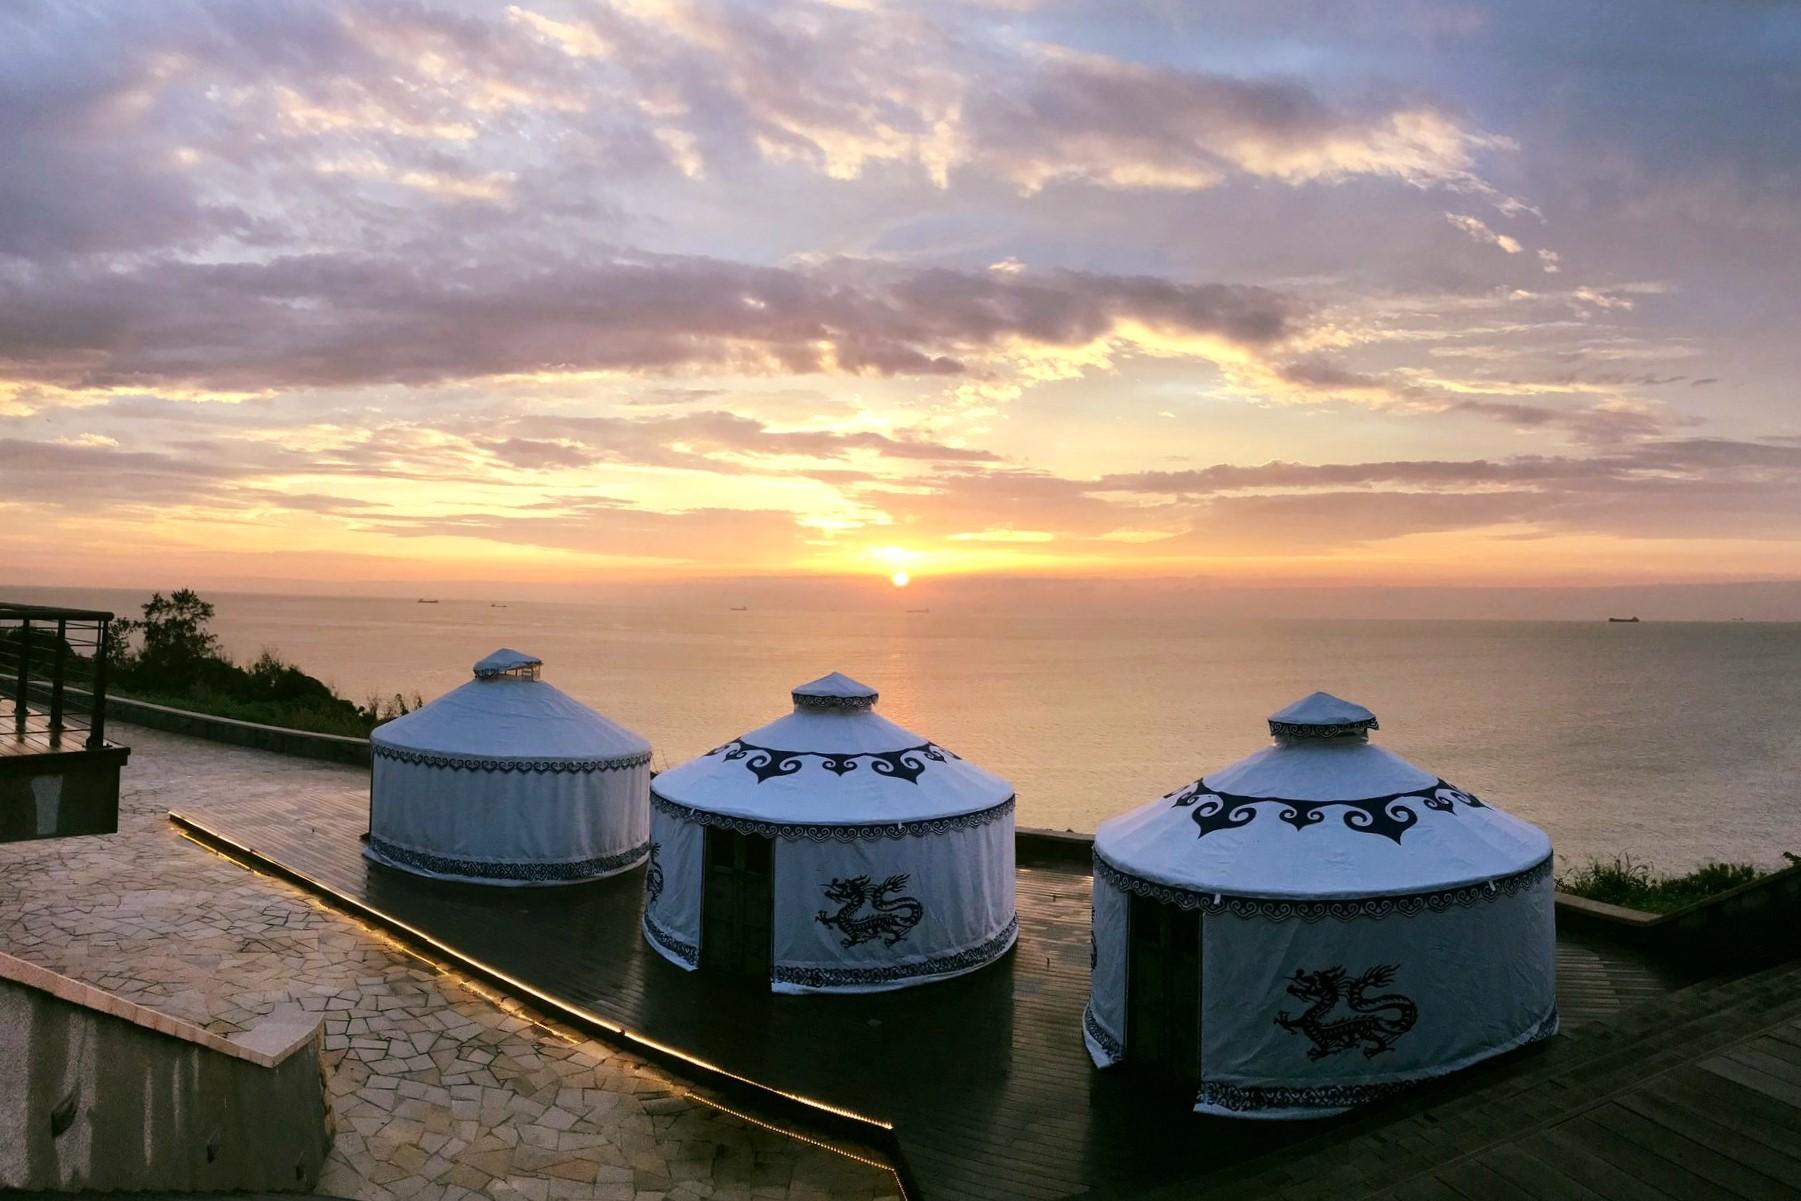 最新推播訊息:到馬祖海邊蒙古包住一晚|南竿最美落日海景第一排